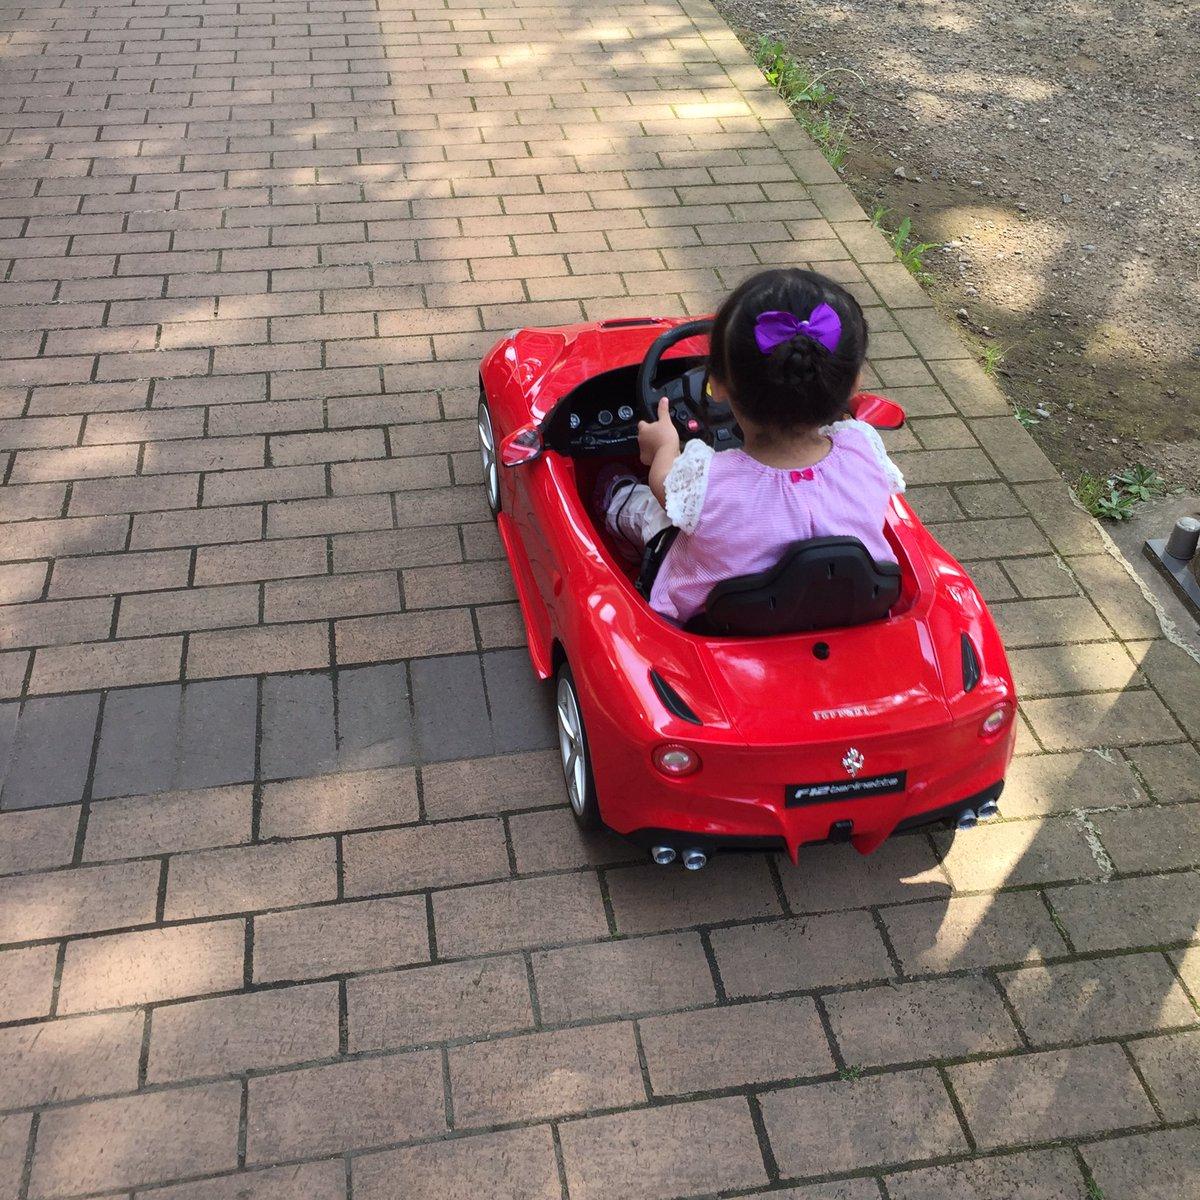 ちびうさぎ 次女のお誕生日プレゼントはフェラーリの電動コンビカーでした 3歳にしてフェラーリオーナーw ちなみにスマホつなげばbgm流れますw いっちょまえにレディーガガ聴きながら運転している次女